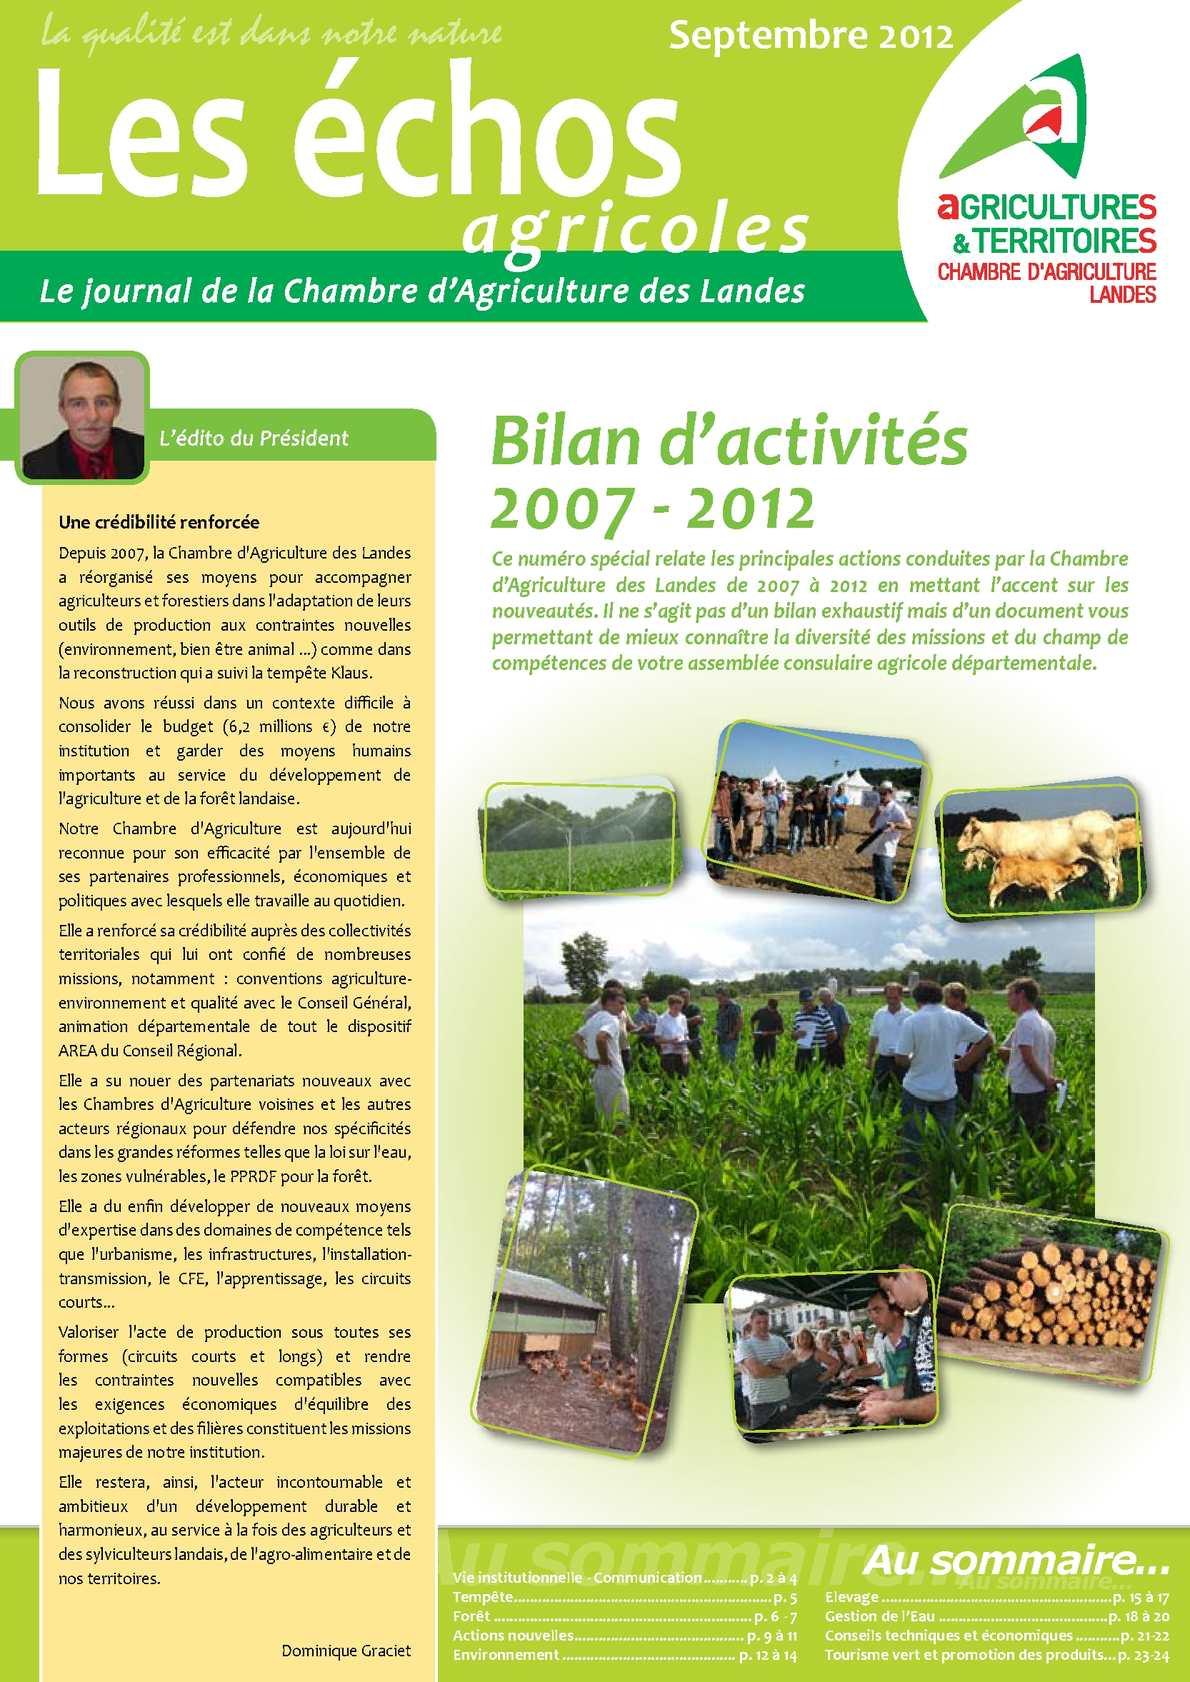 Calam o bilan d 39 activit s 2007 2012 de la chambre d 39 agriculture des landes - Chambre d agriculture 14 ...